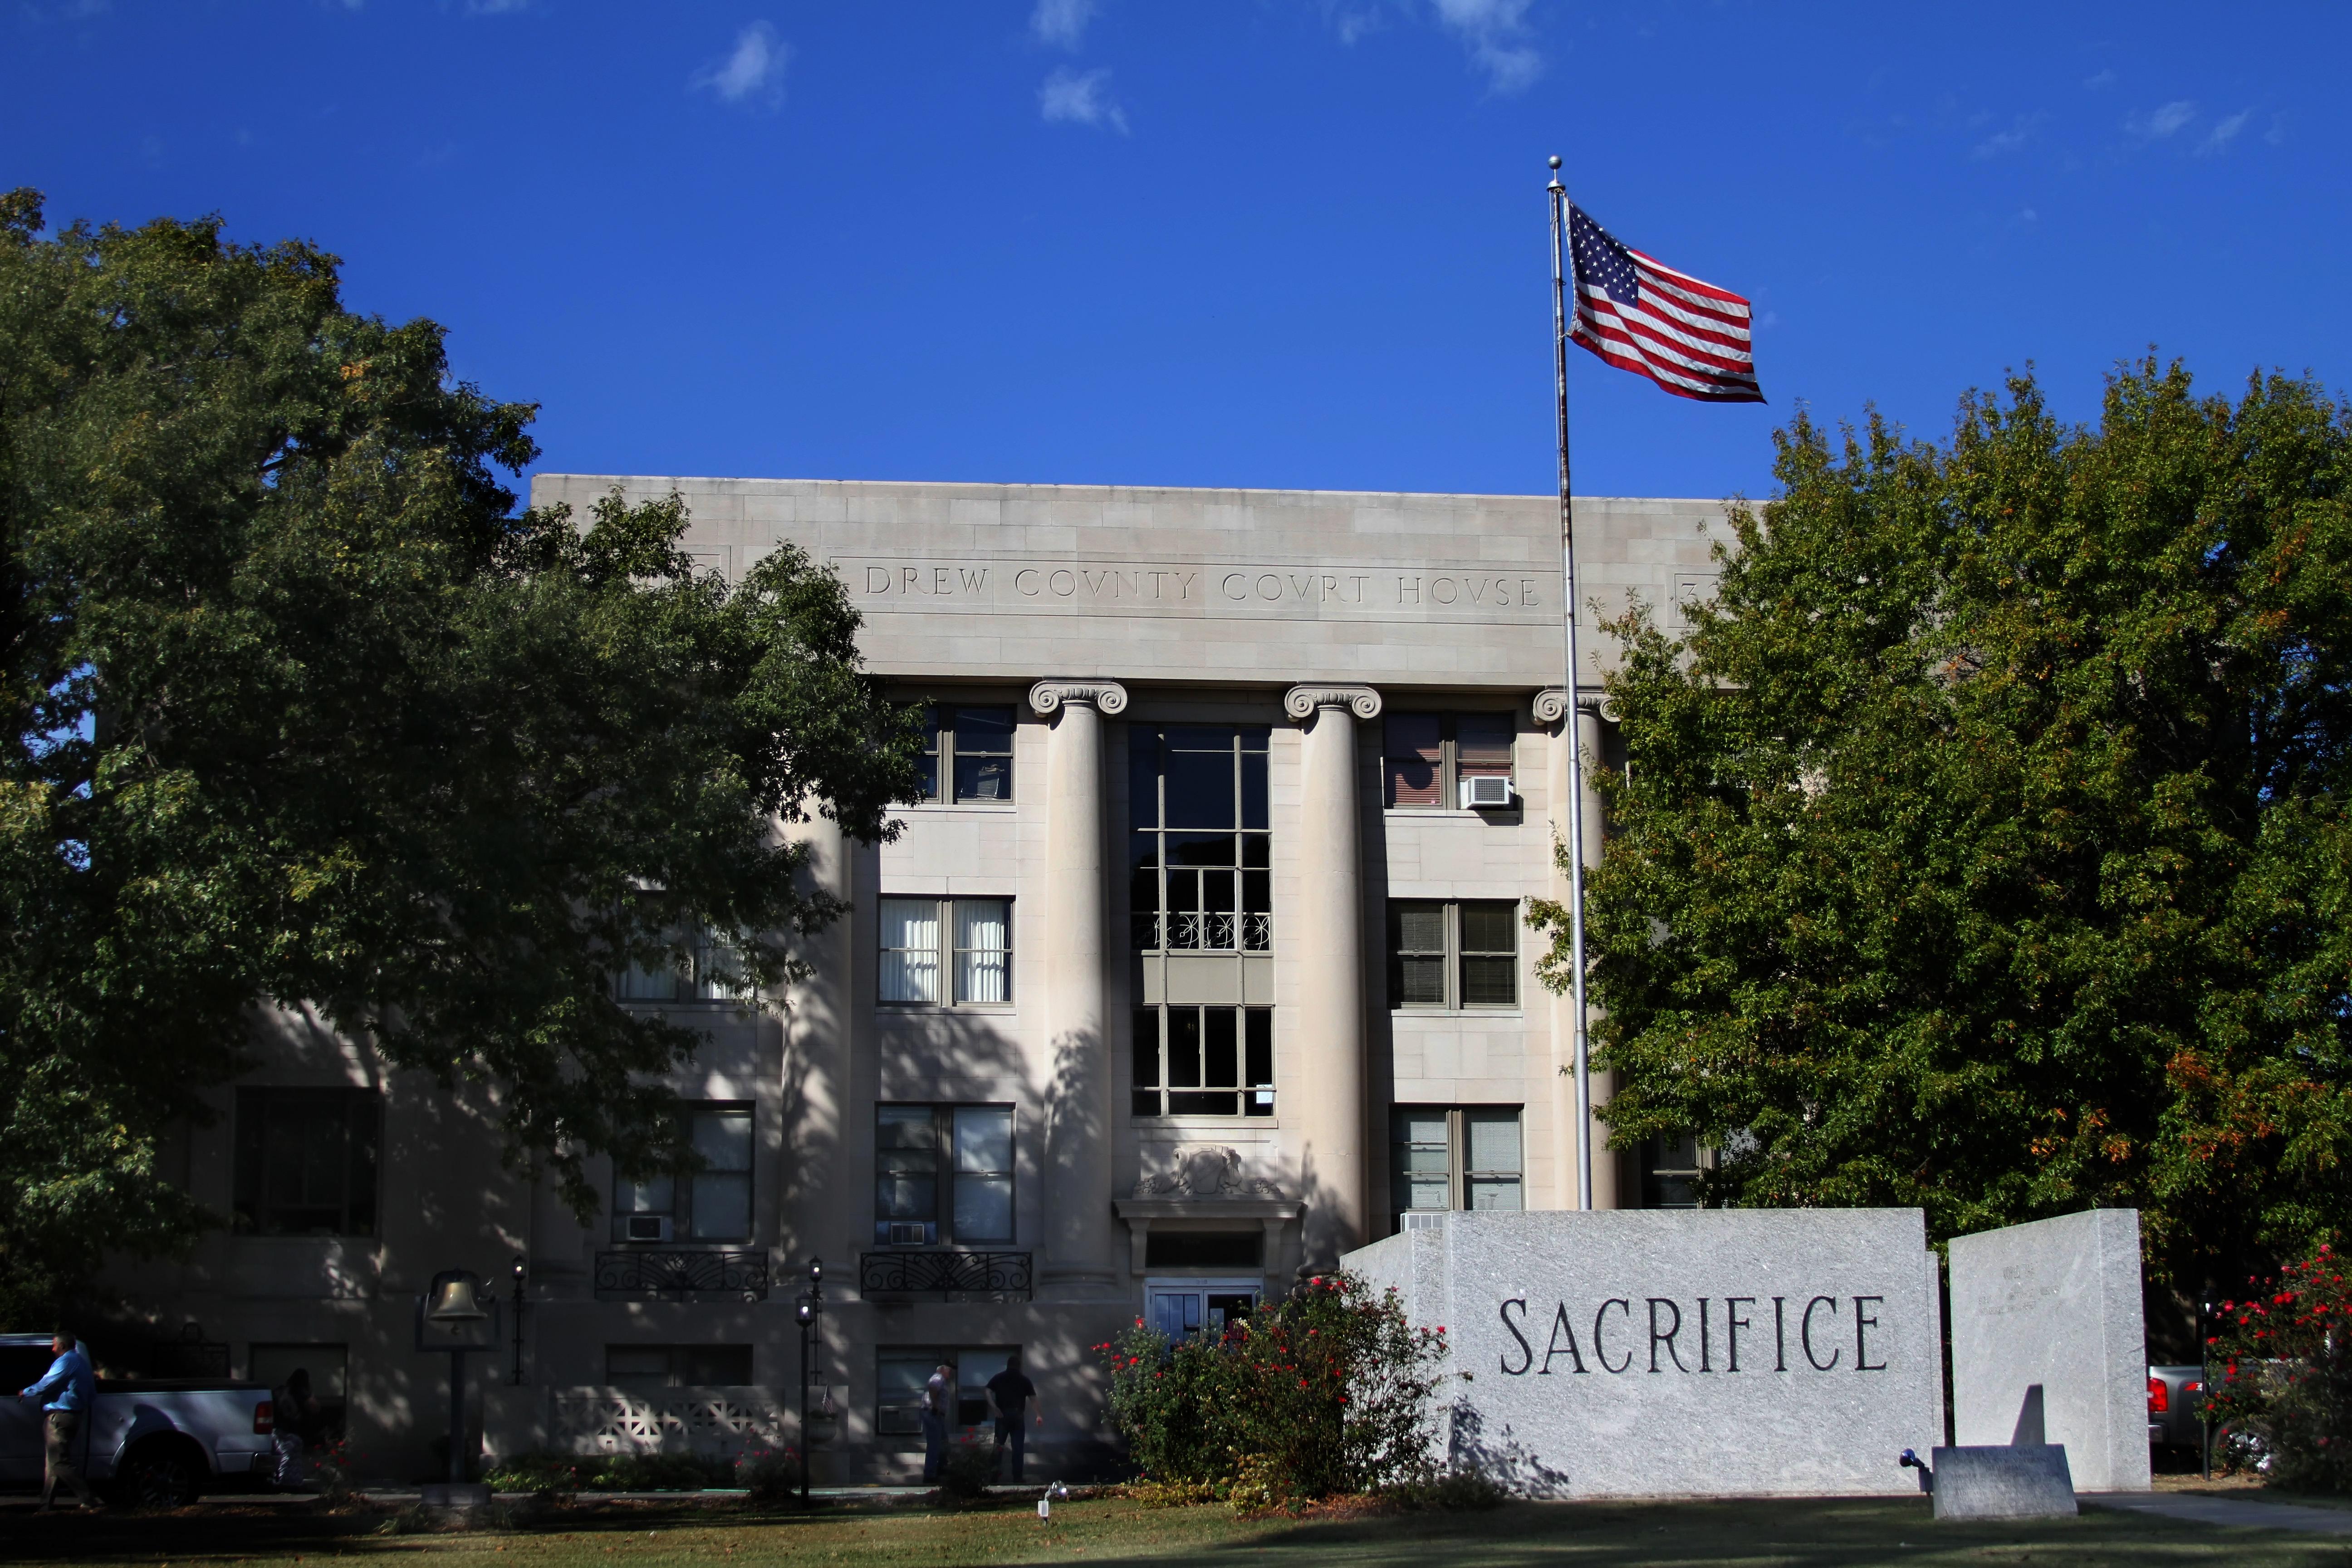 Drew County Court House Monticello